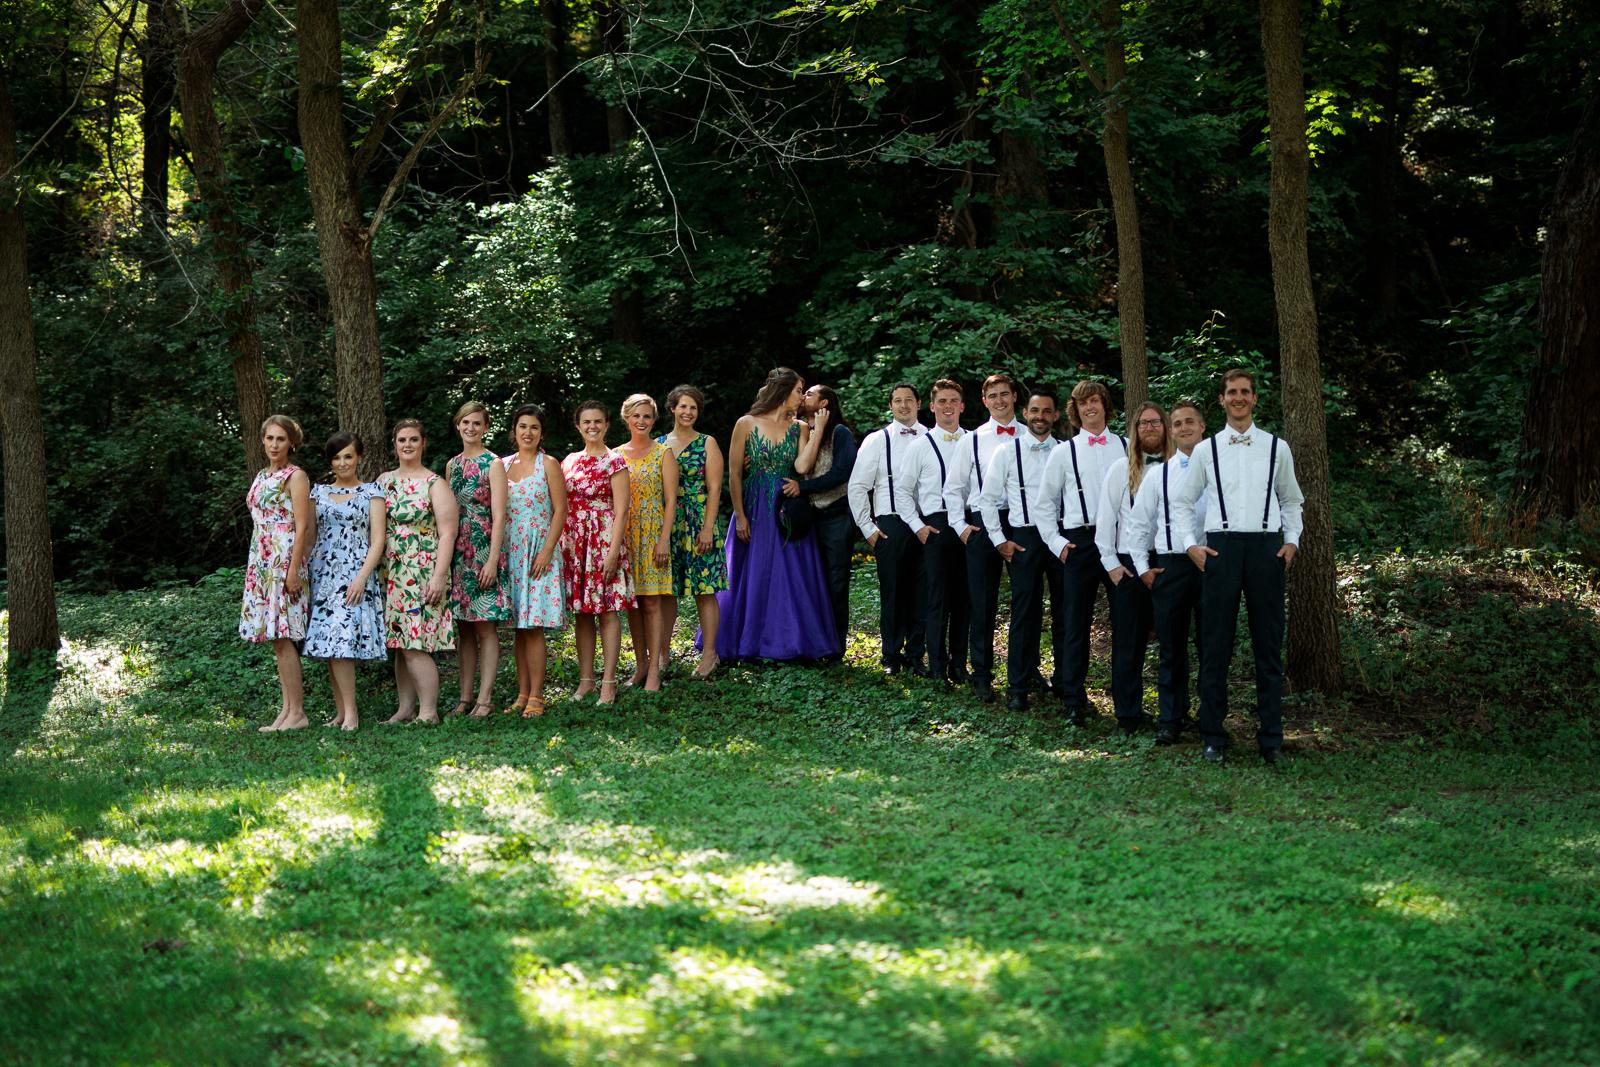 08.18.18 J_A Wedding-Sneak Peek-SJensen-20.jpg